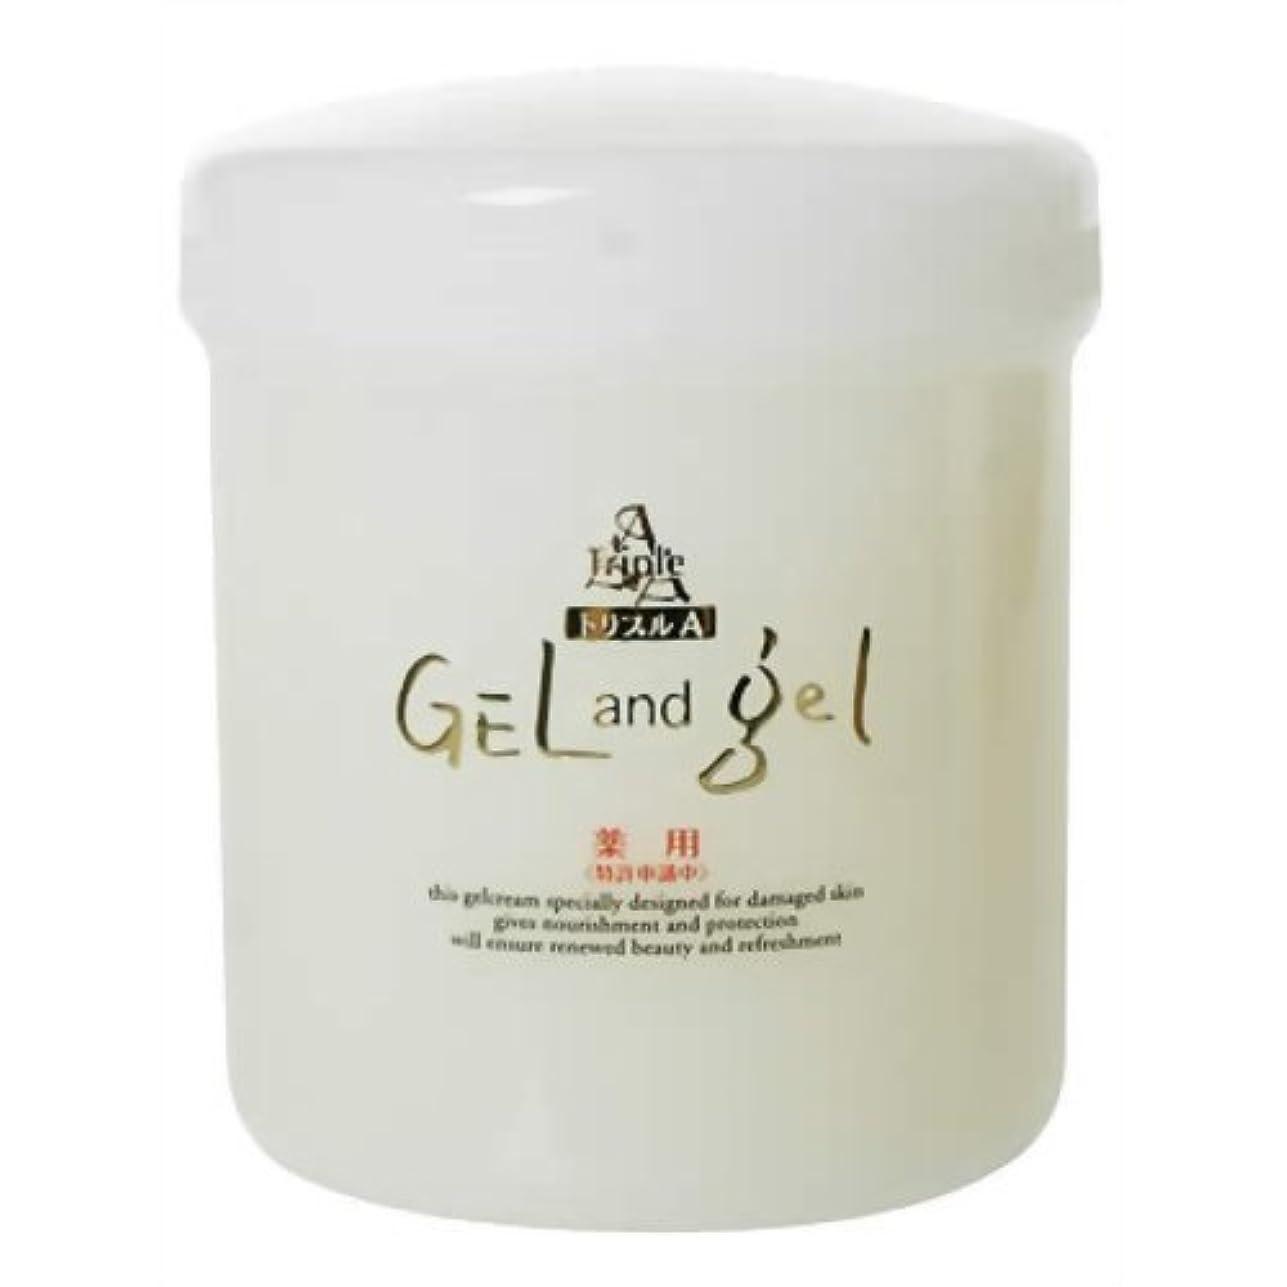 キノコチョップ薄暗い薬用トリプルA ゲル&ゲル クリーム 500g